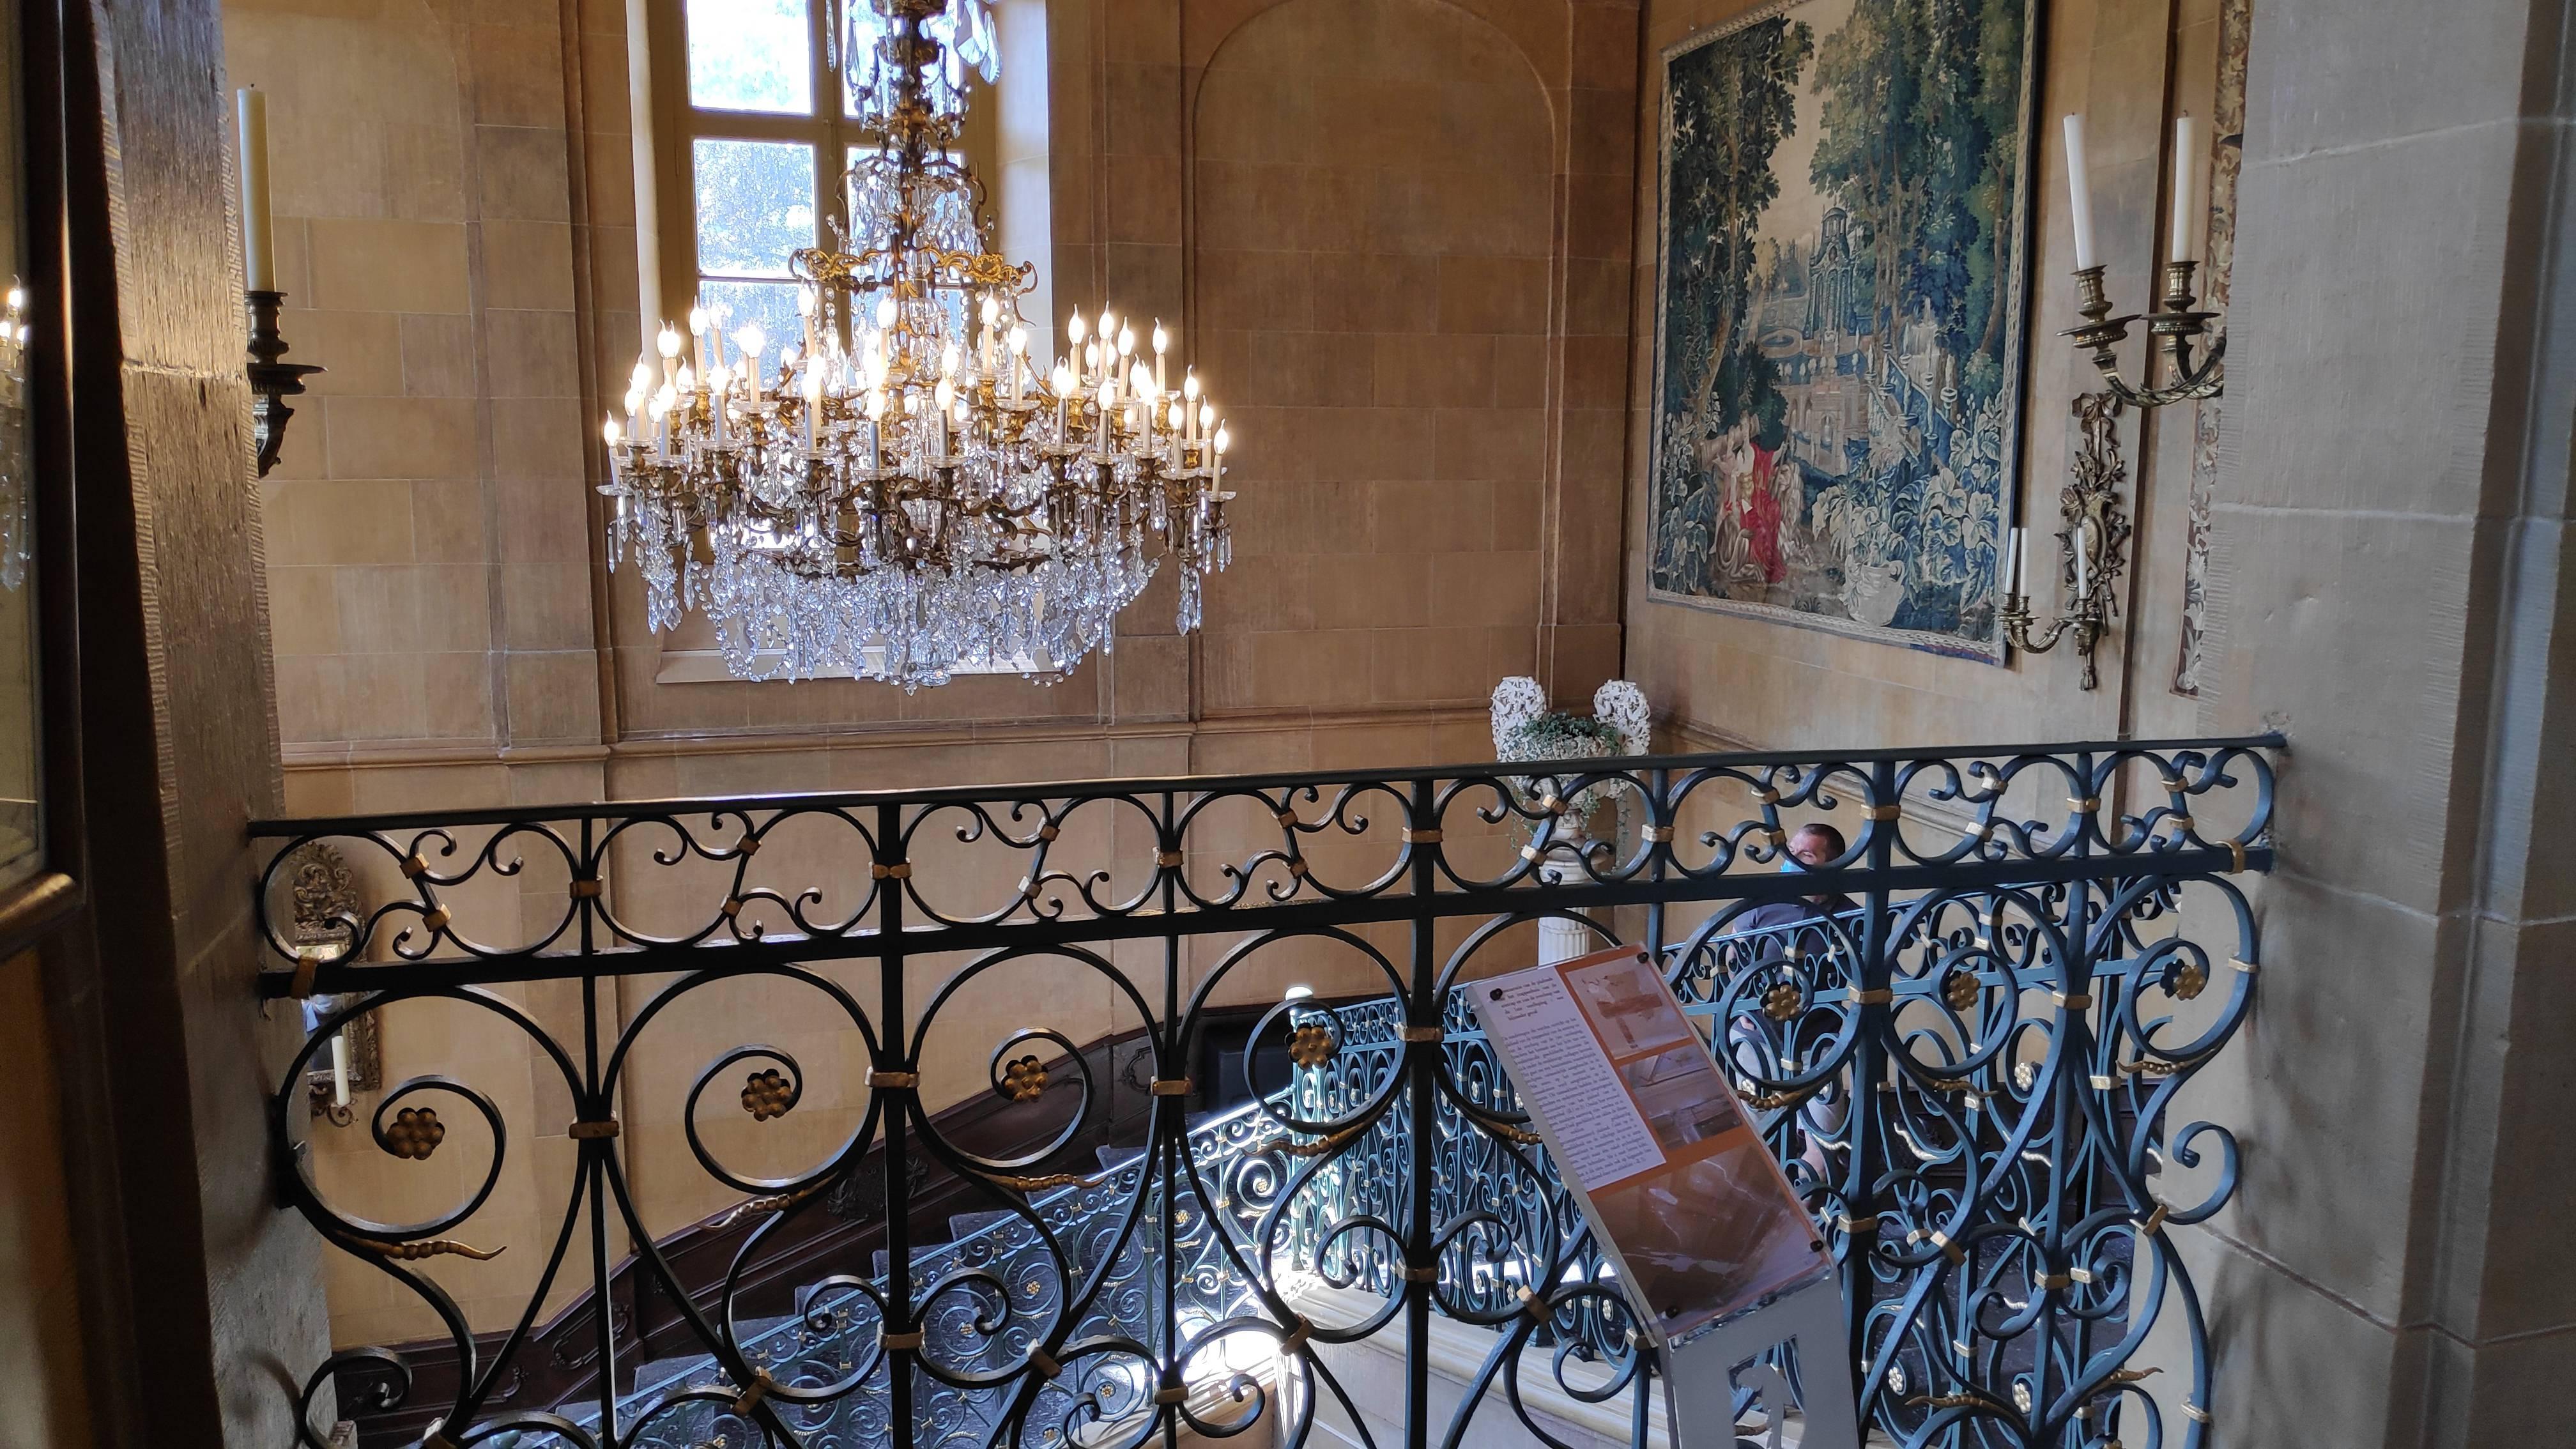 Lustre et escalier, château de Modave, province de Liège